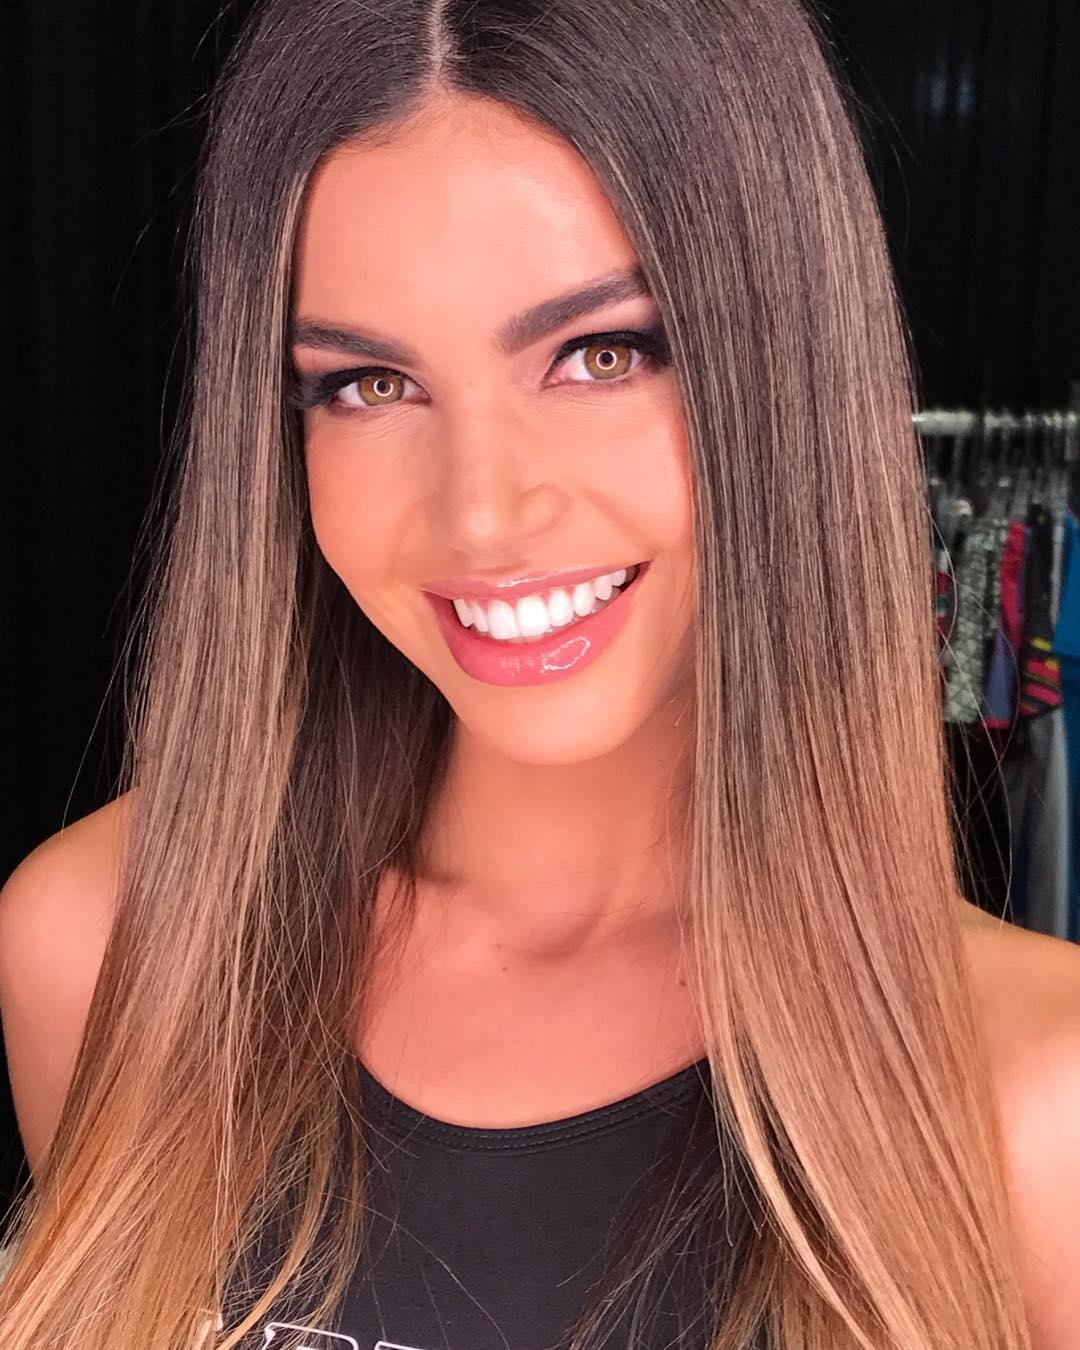 fernanda recht, miss brasil internacional 2018. 79d4jl10